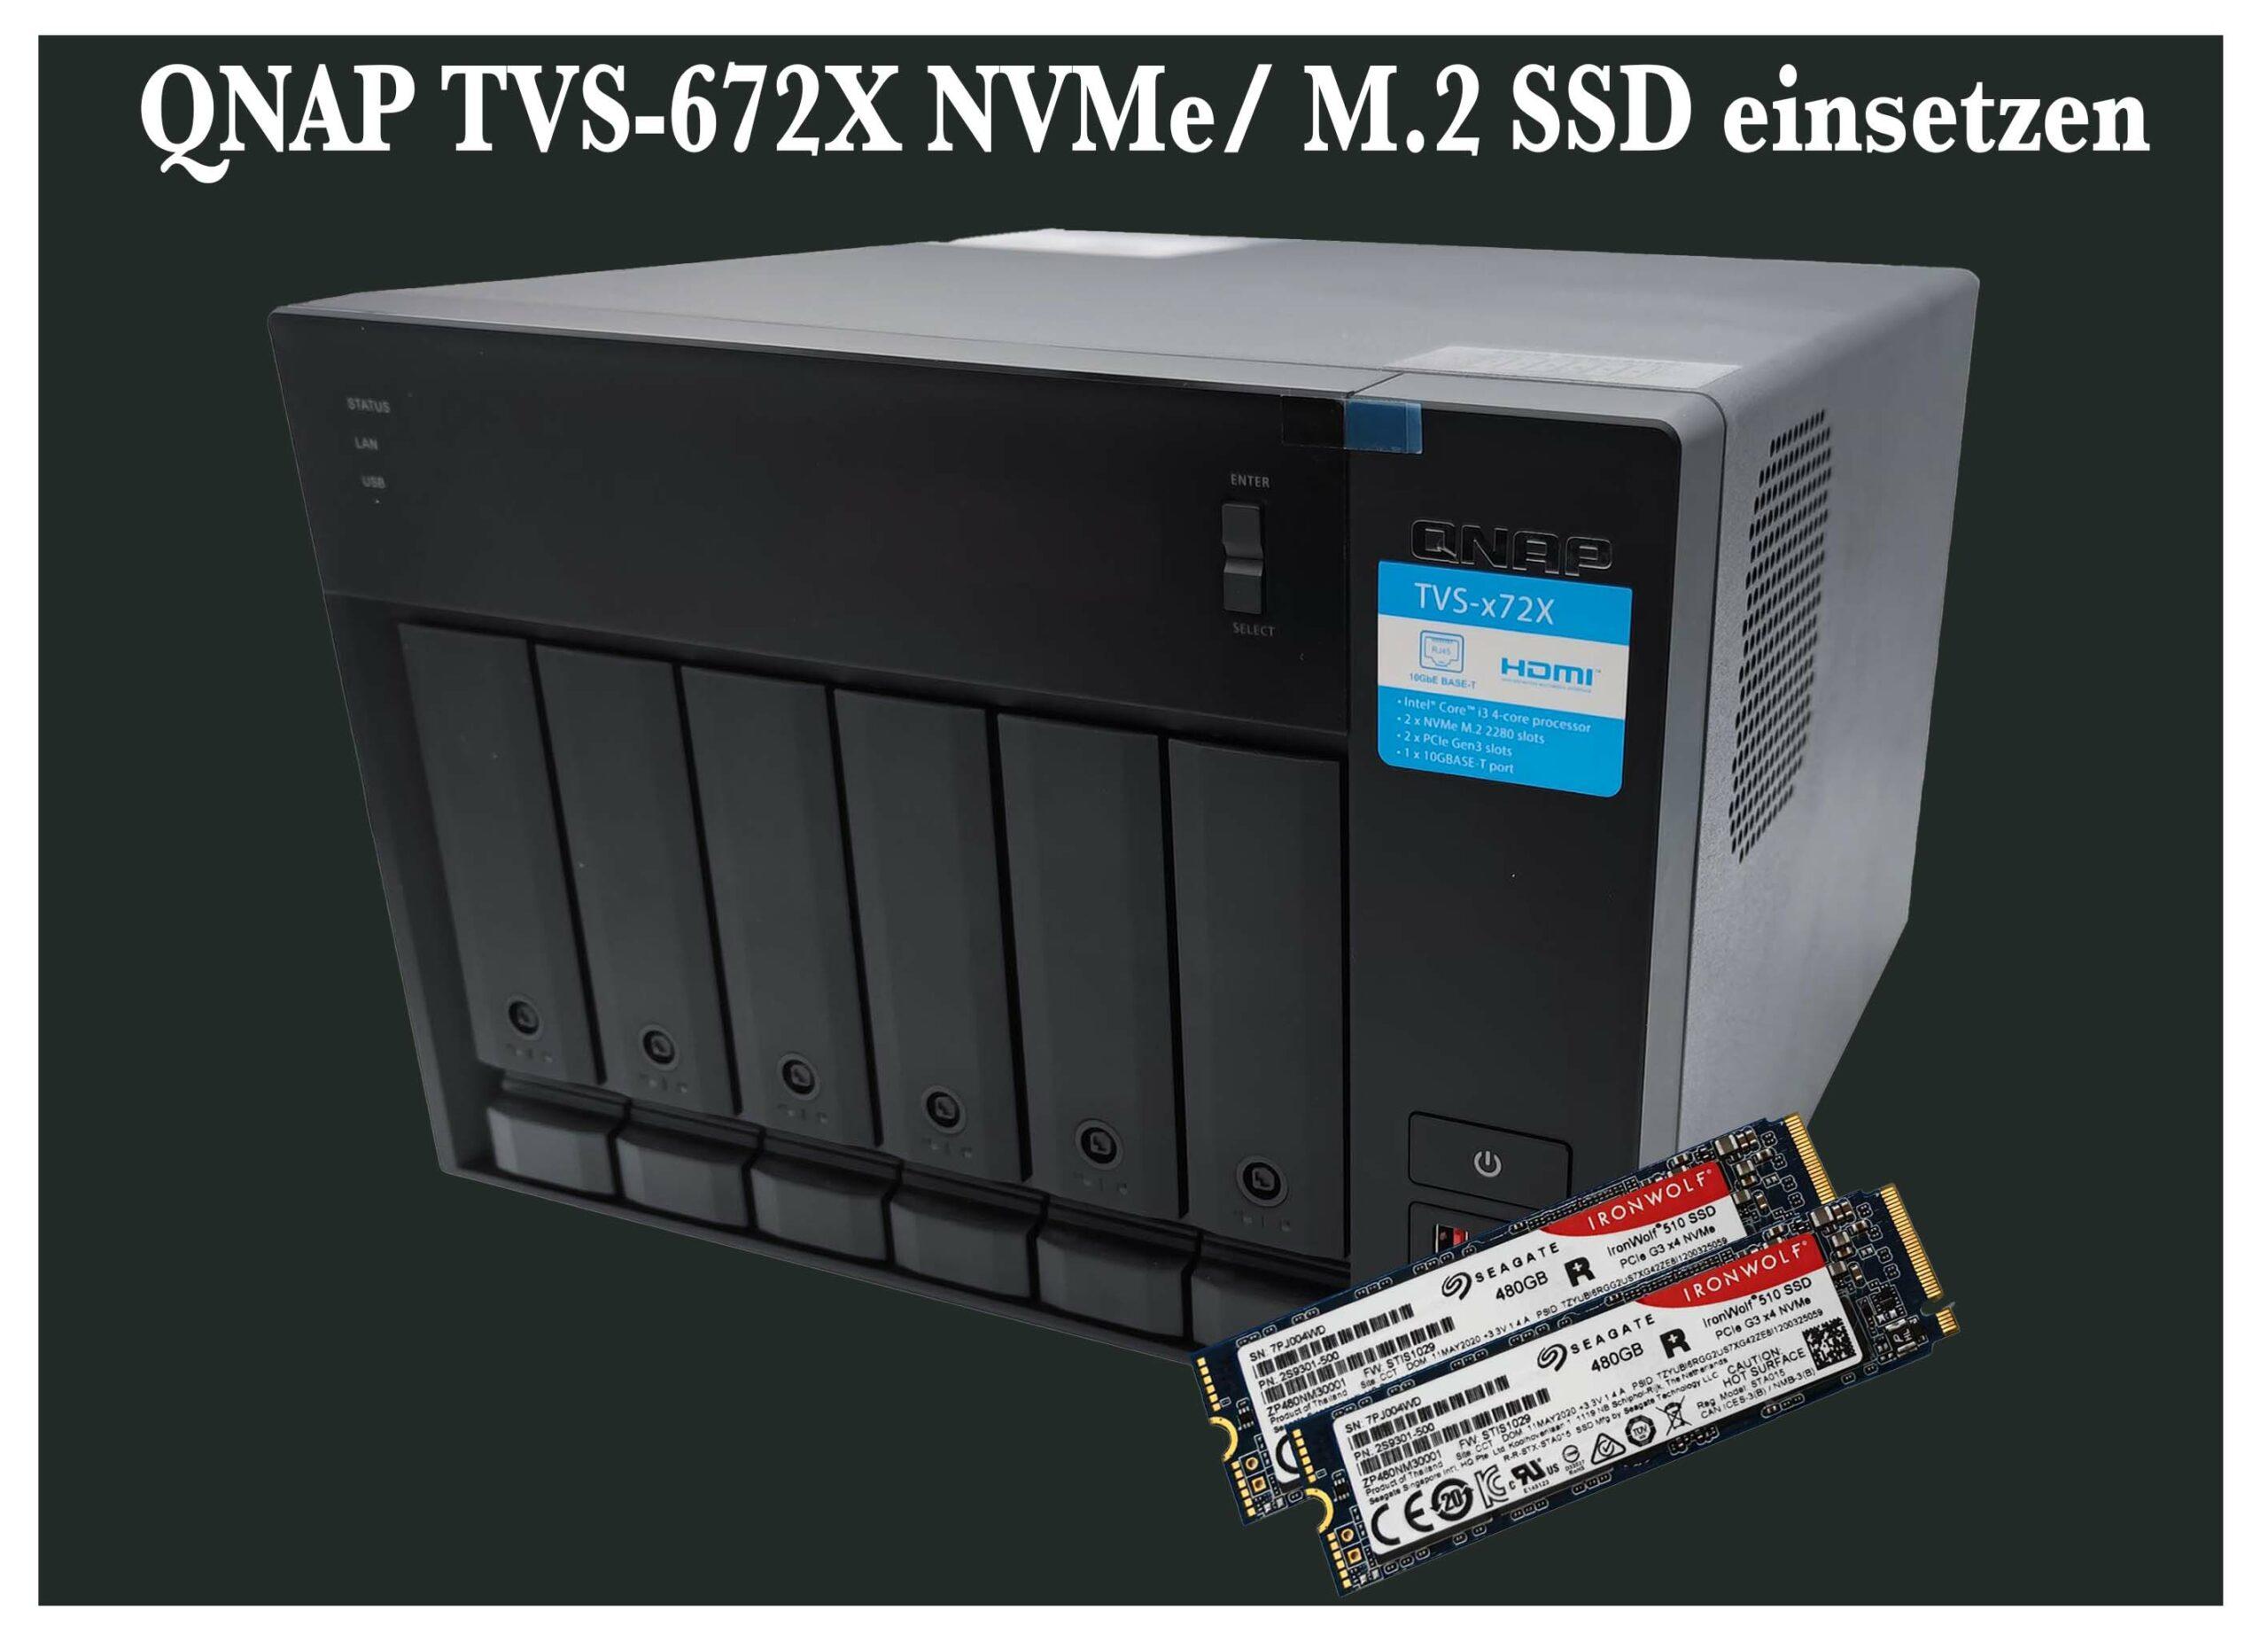 QNAP TVS-672X NVMe/ M.2 SSD einsetzen